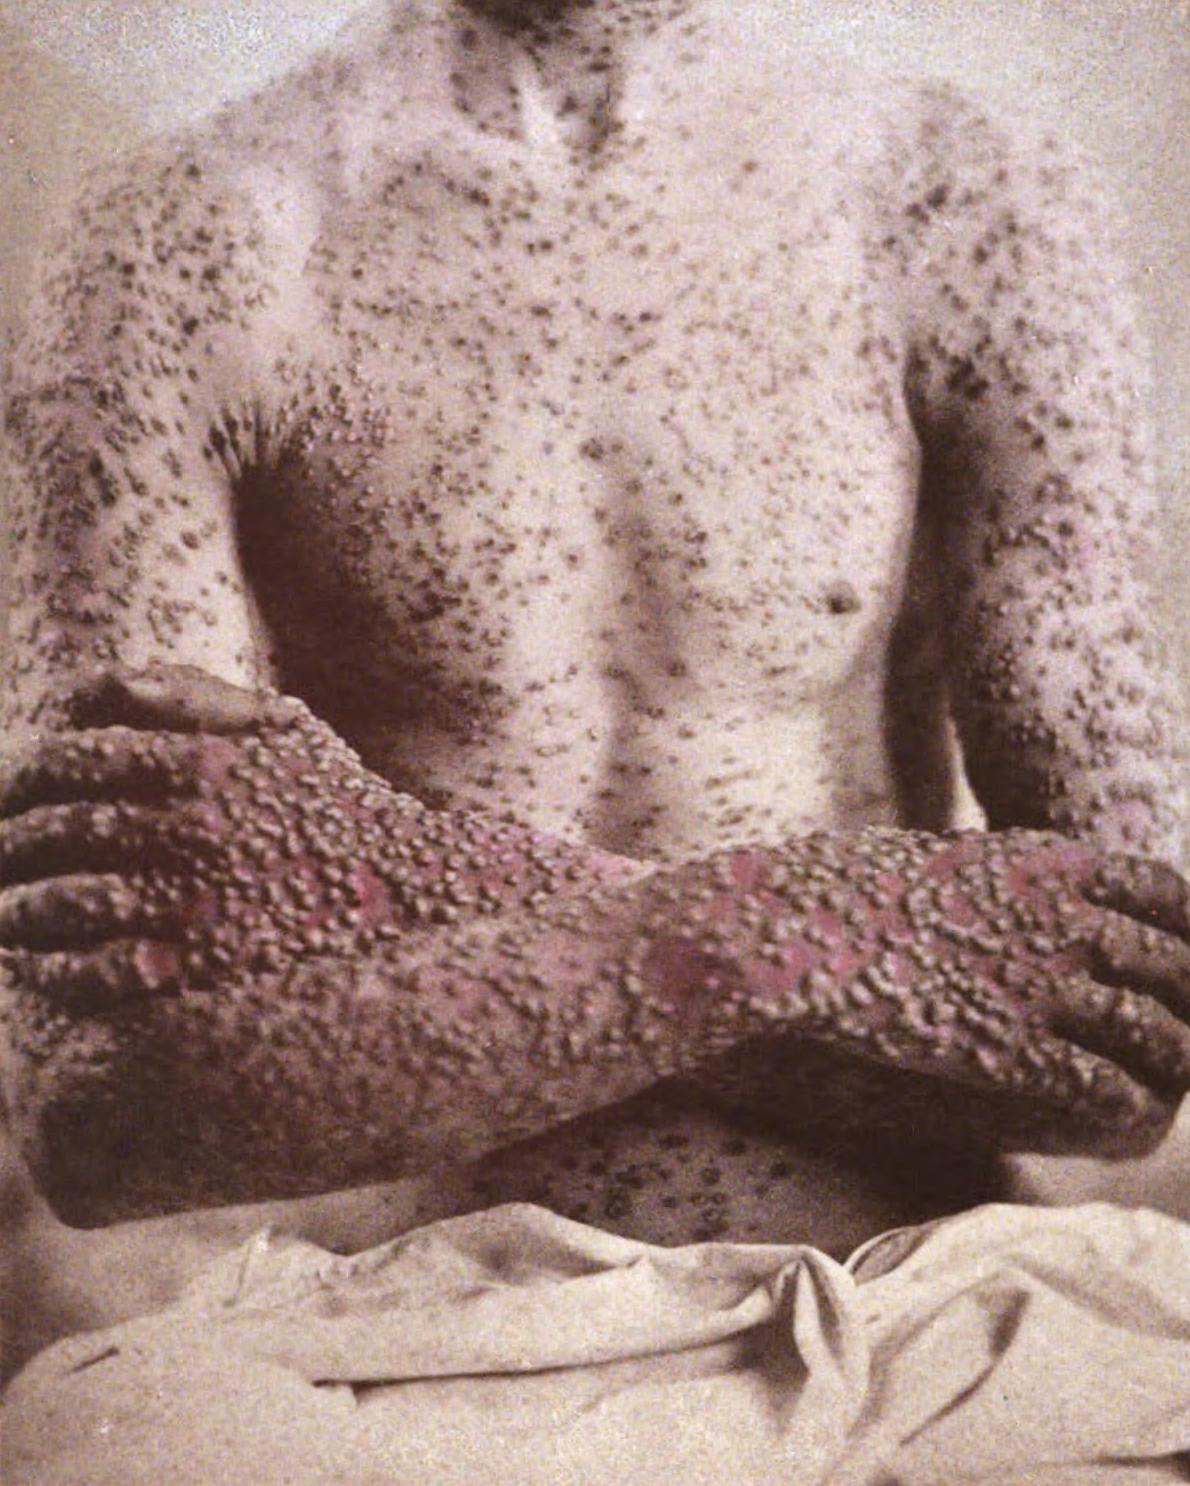 caseofsmallpox,1886